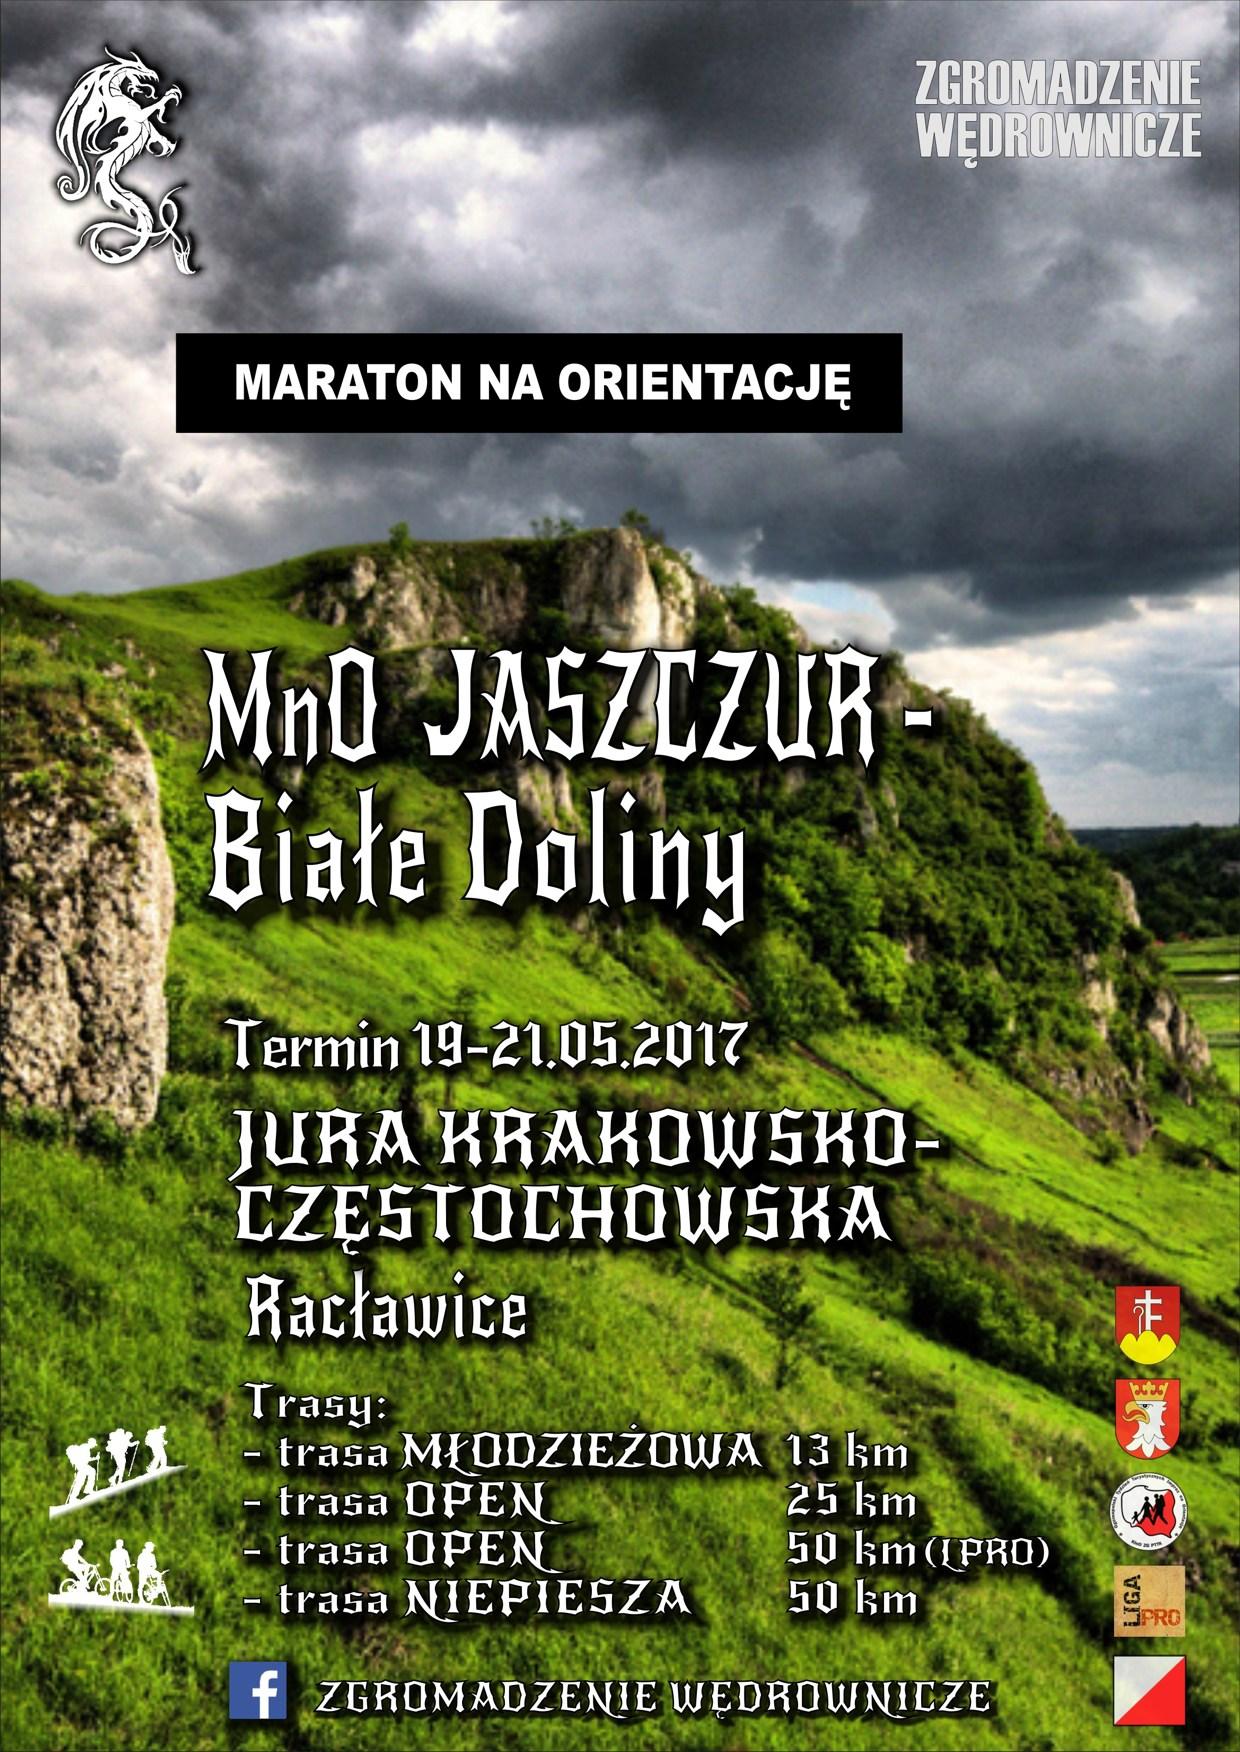 MnO JASZCZUR - Białe Doliny @ Szkoła Podstawowa w Racławicach | Racławice | małopolskie | Polska